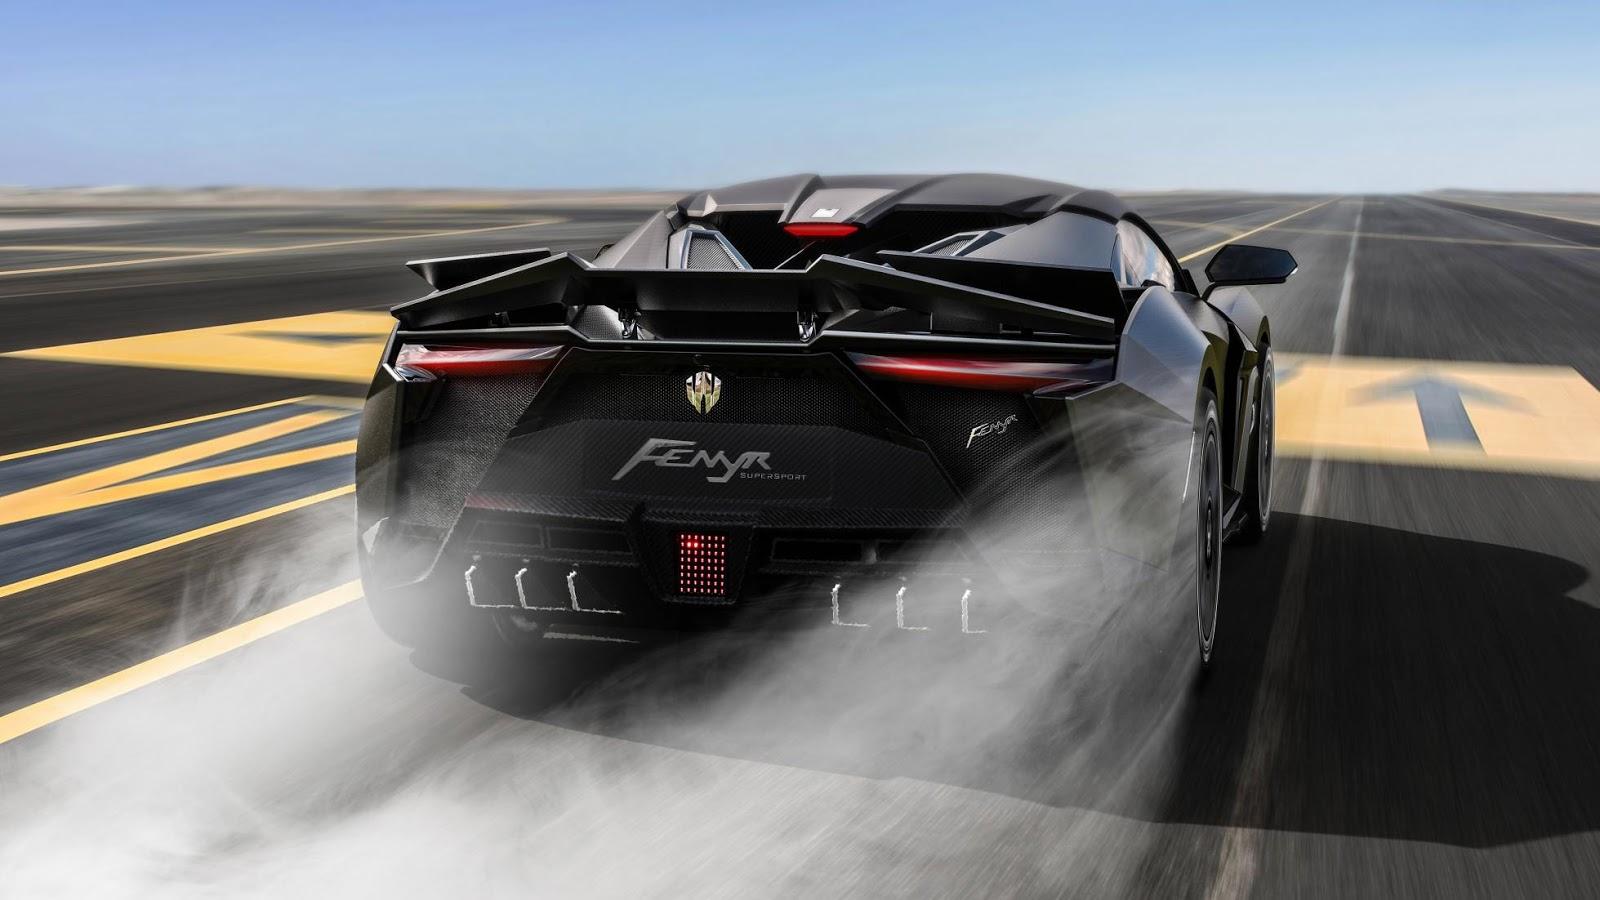 Fenyr Supersport by W Motors – Pabrik Hypercar dari Timur Tengah